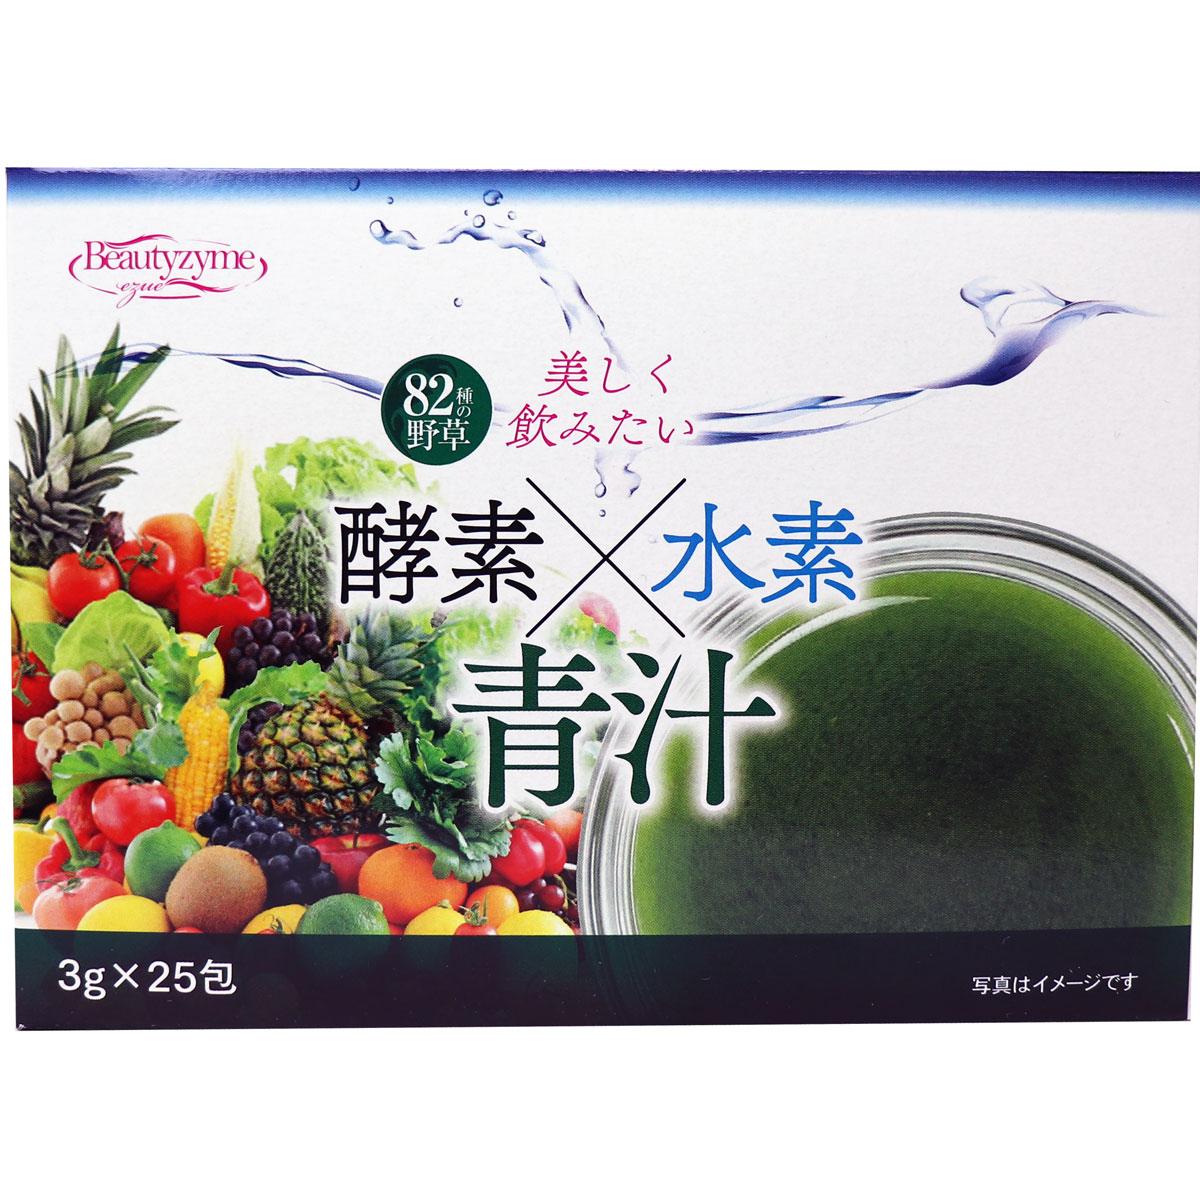 ※[メーカー欠品] 酵素×水素 青汁 3g×25包入